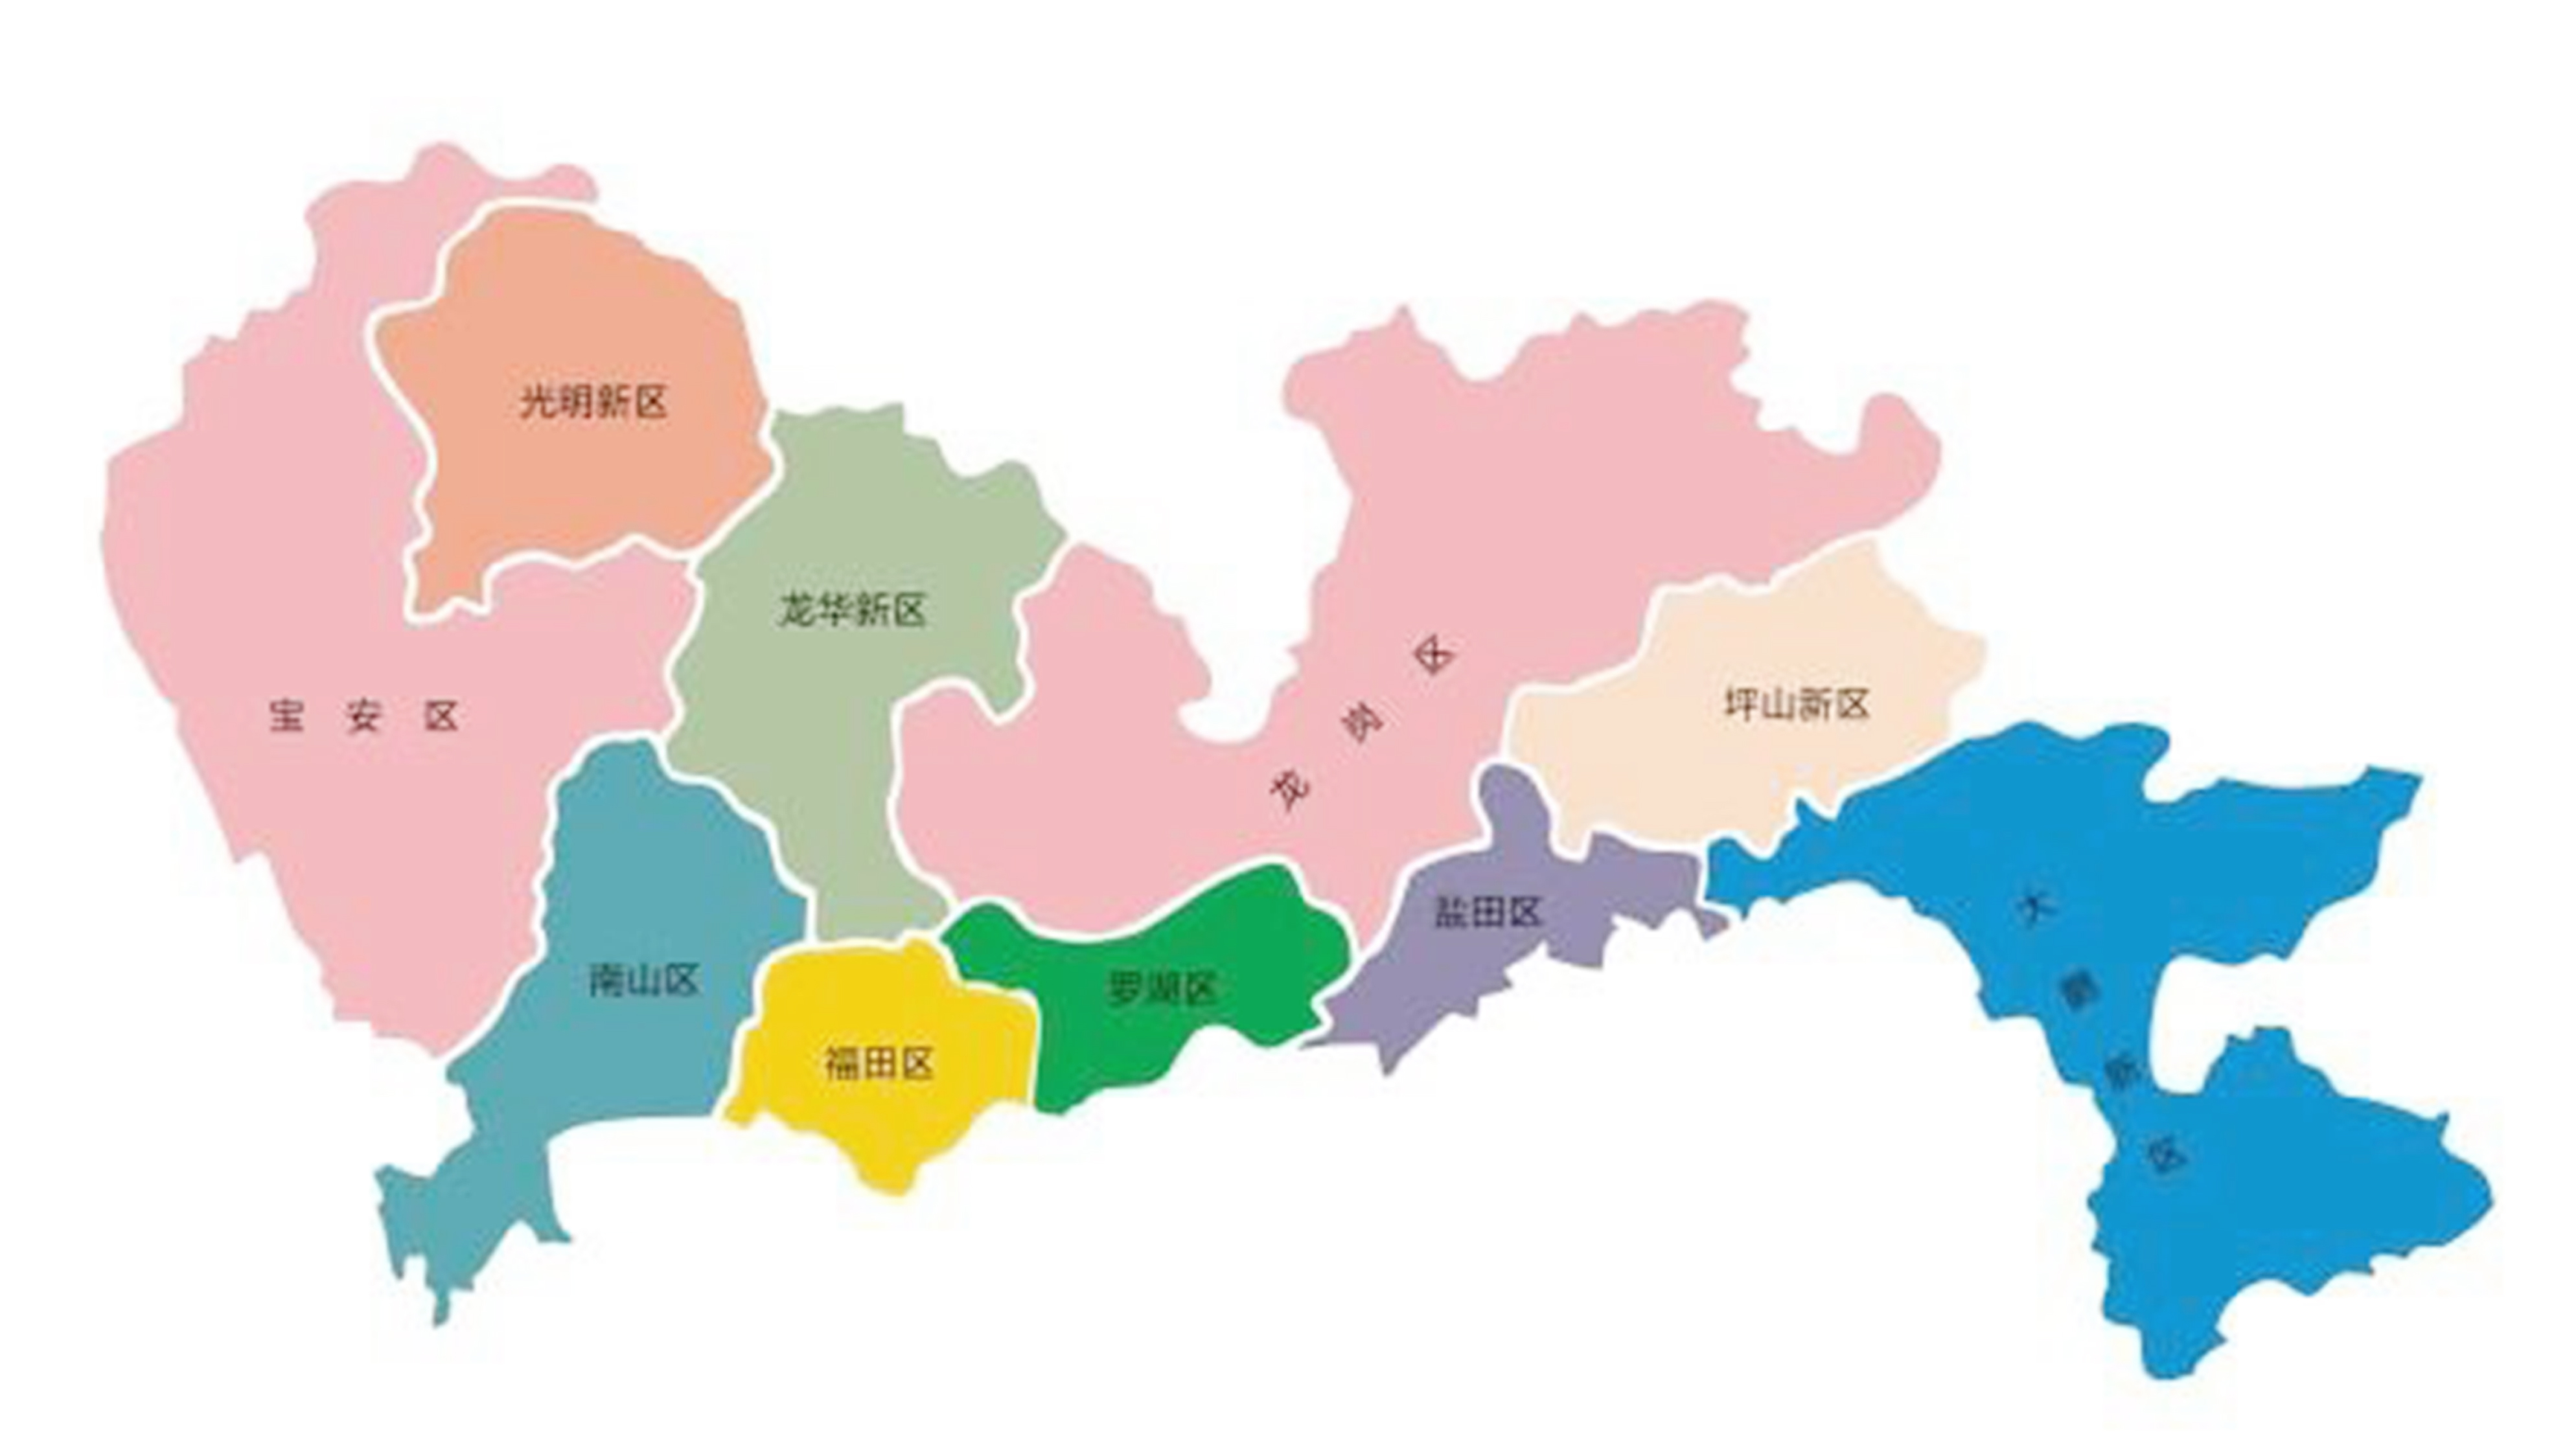 朕有创意—十兄弟(深圳地图)